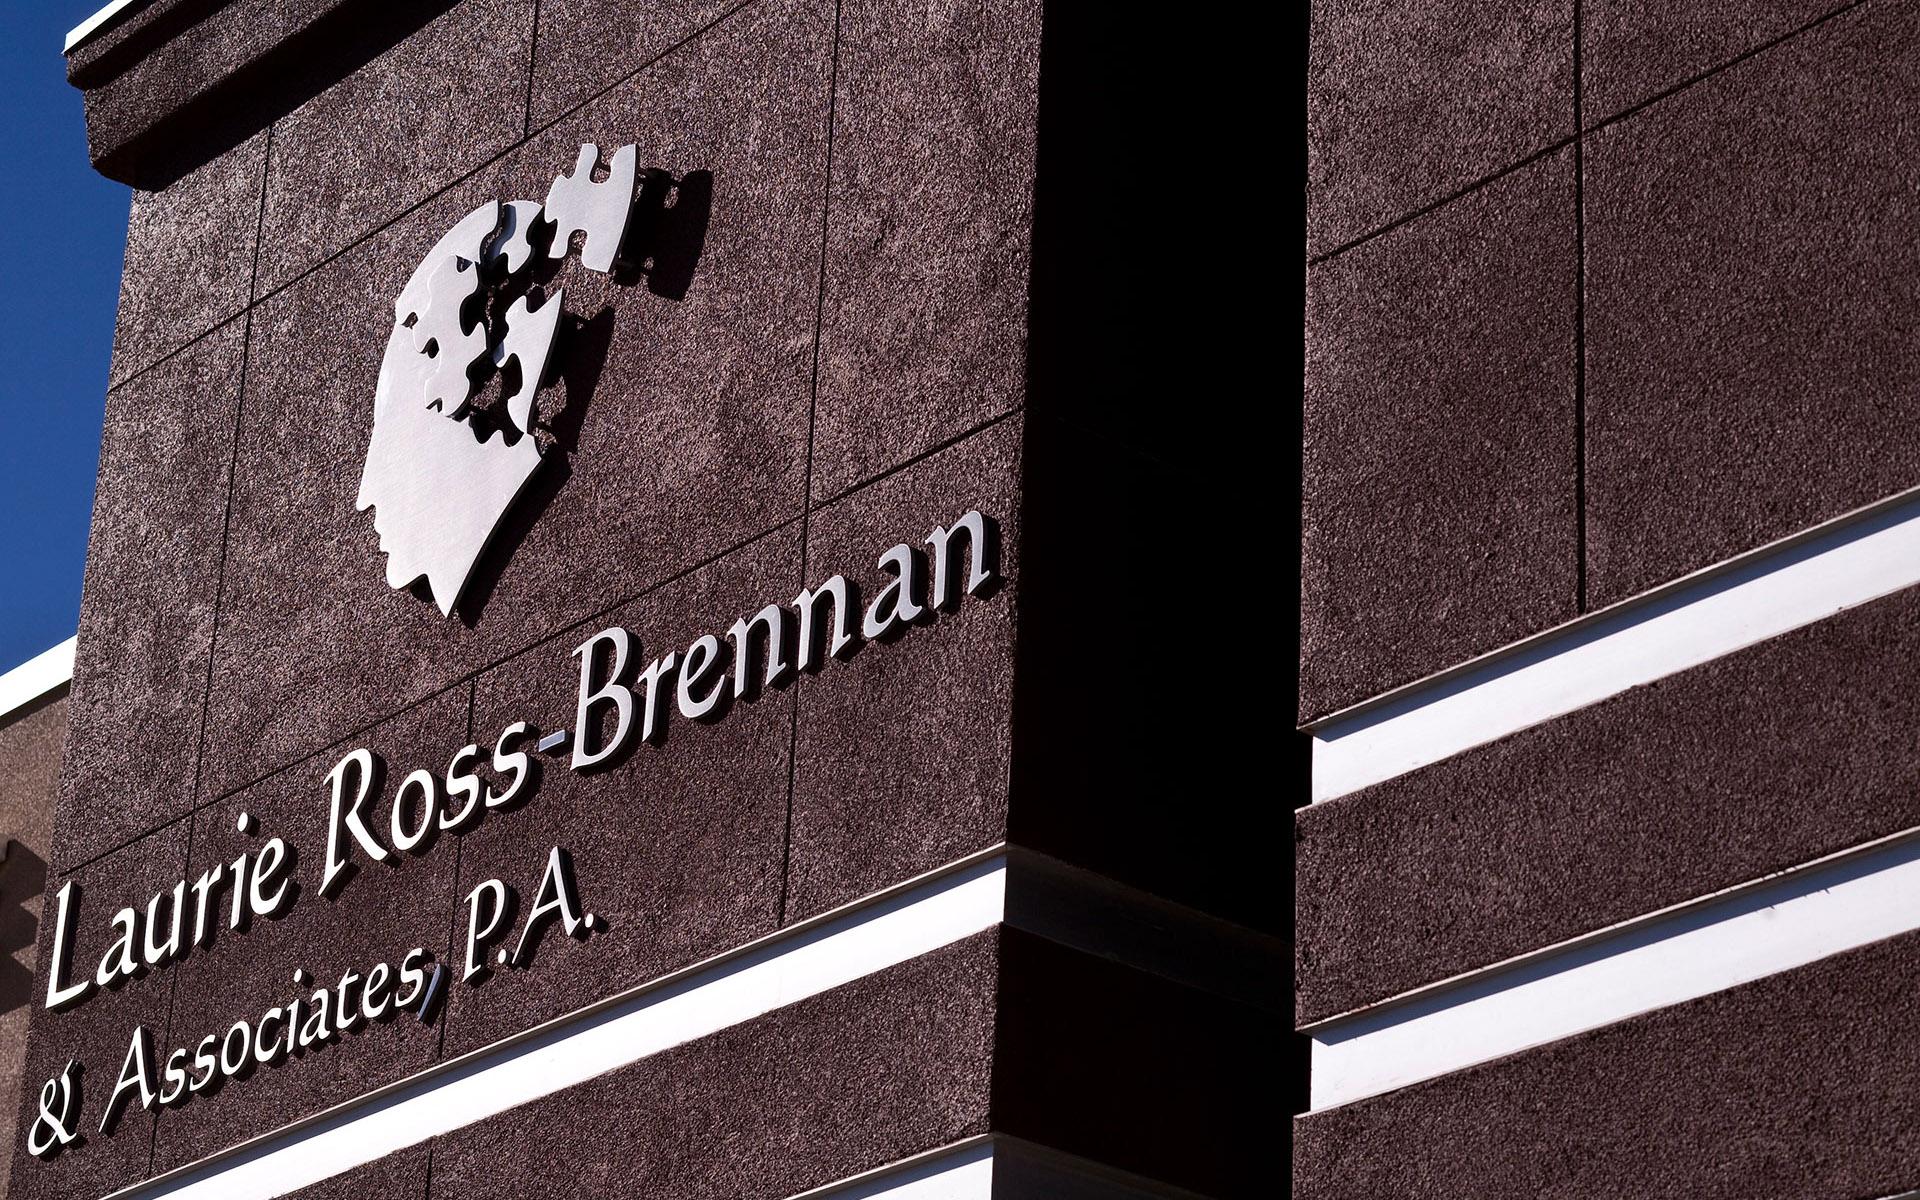 Ross-Brennam